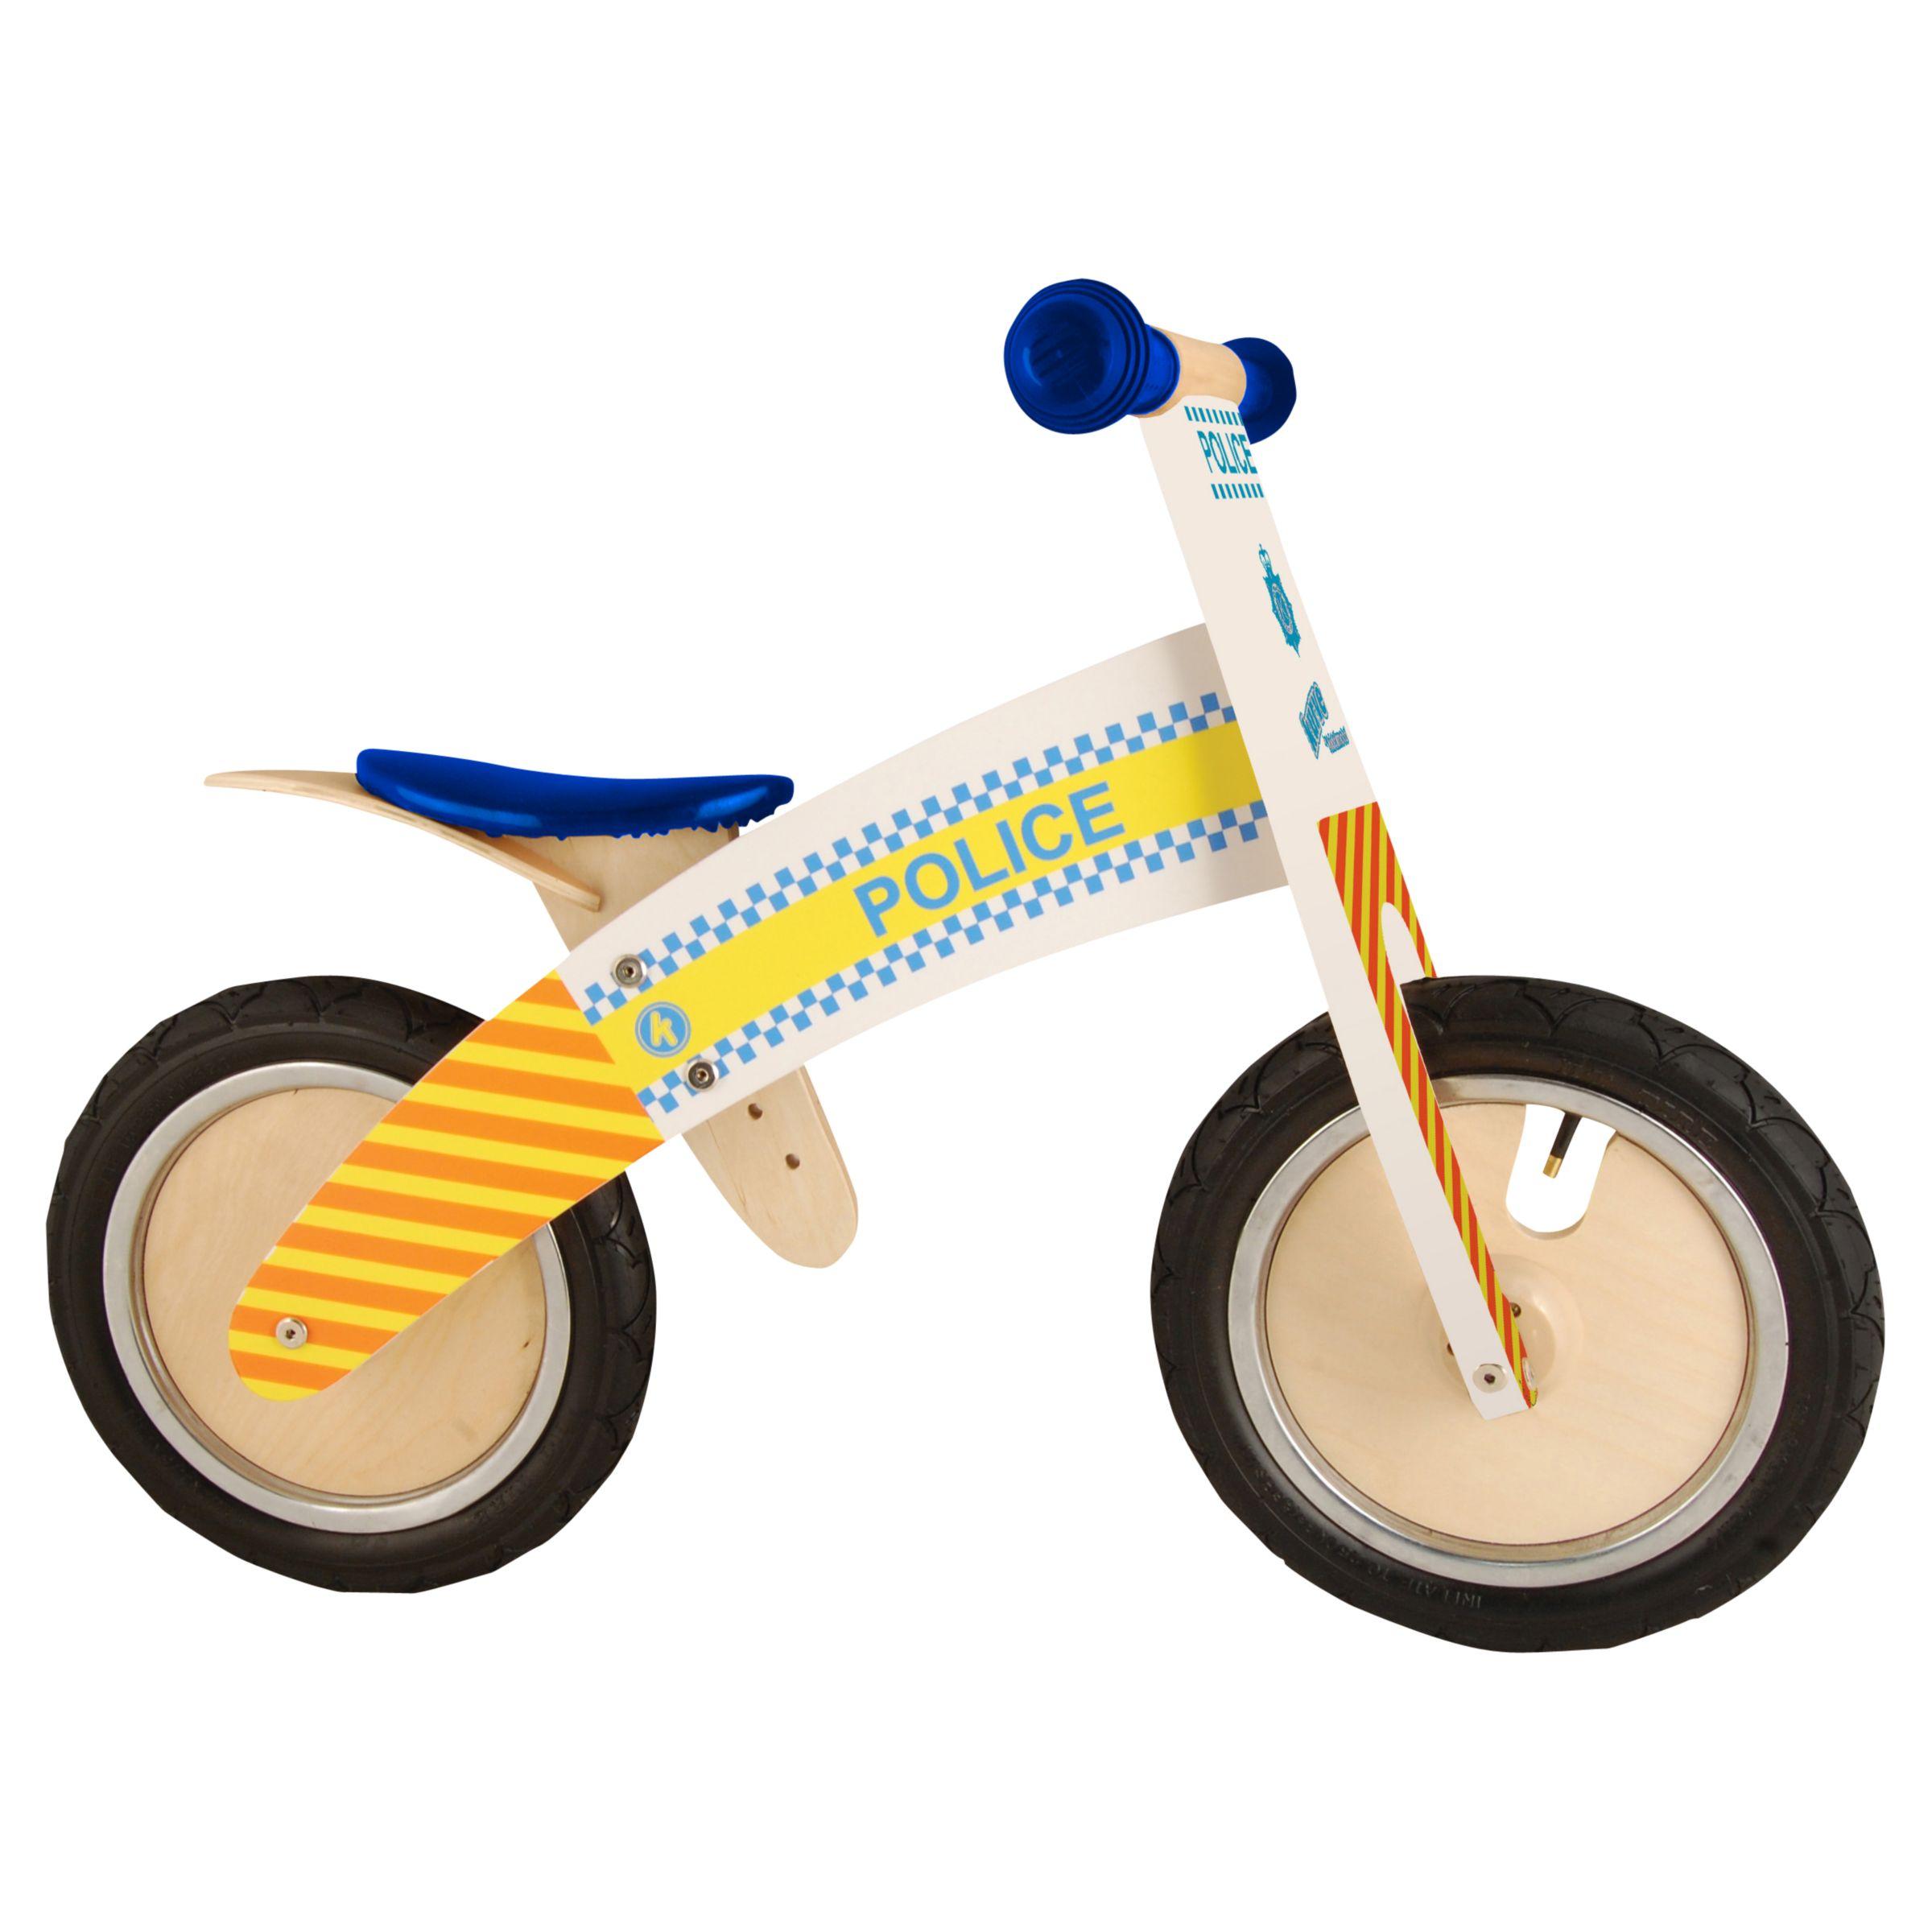 Kiddimoto Kiddimoto Kurve Balance Bike, Police